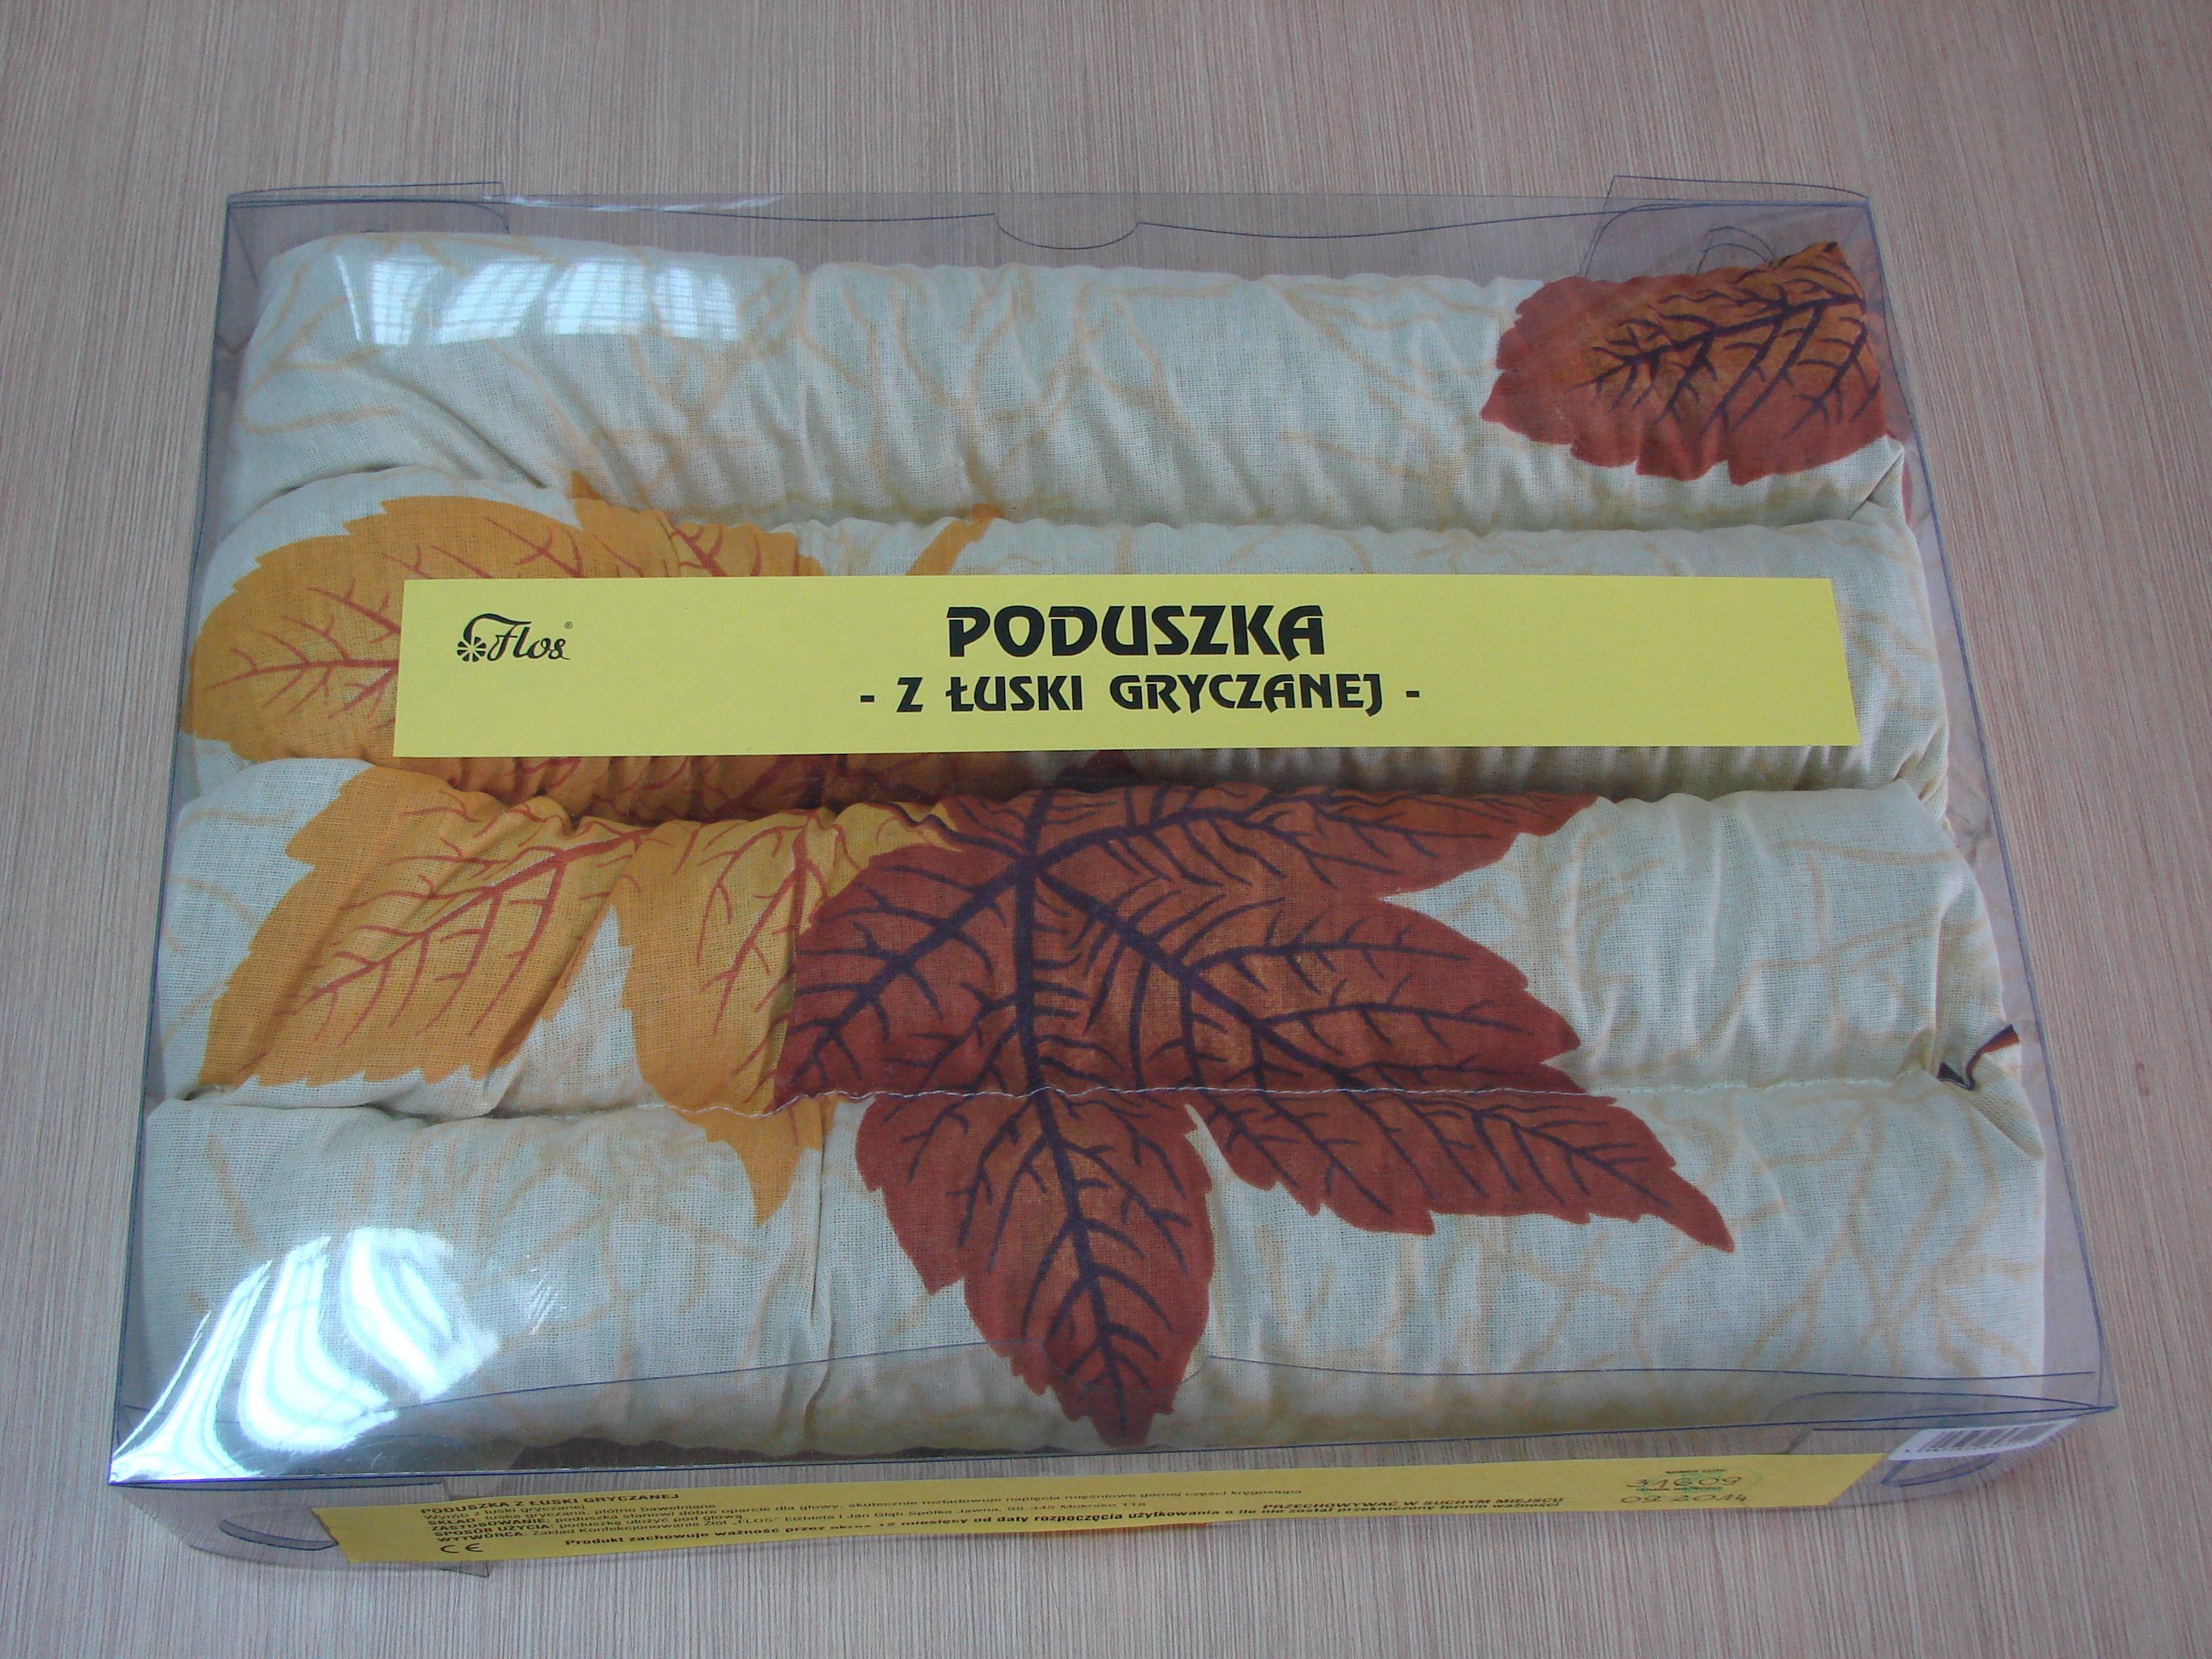 Poduszka z łuski gryczanej